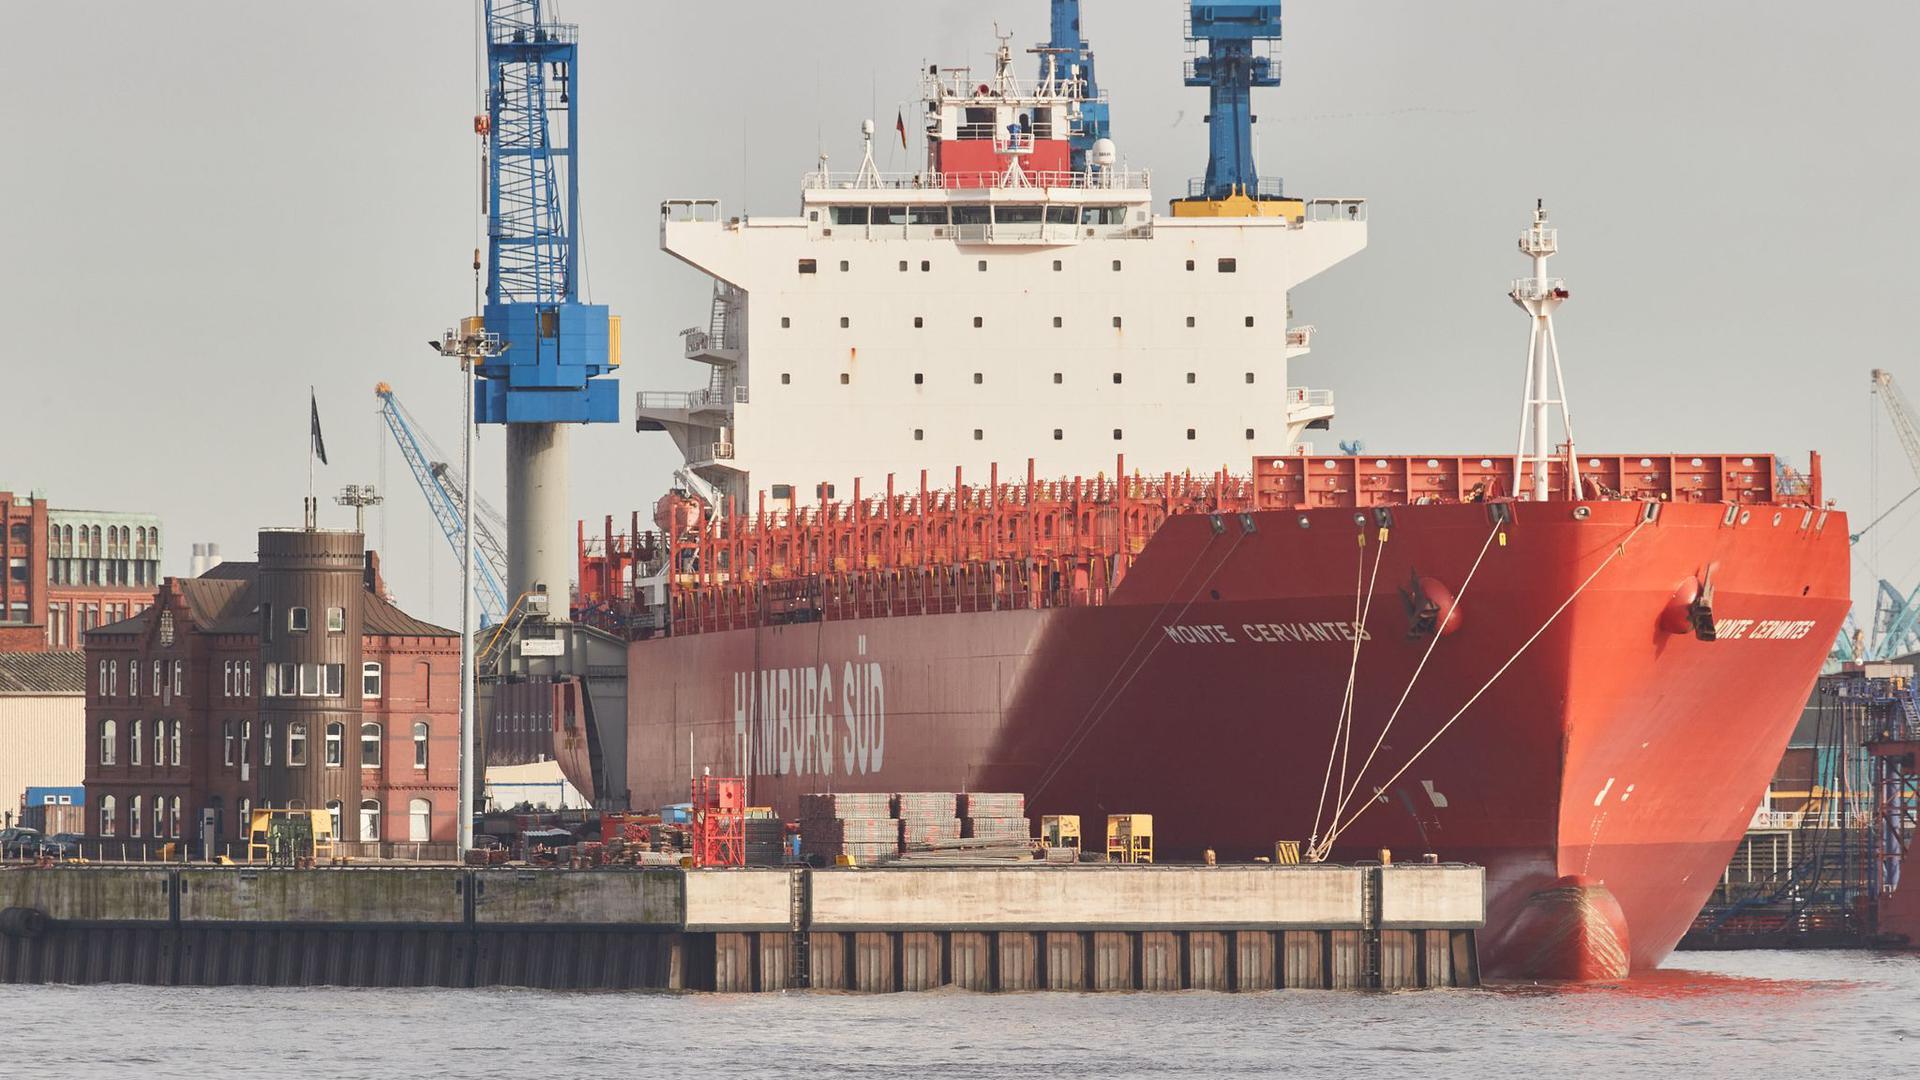 Das Containerschiff Monte Cervantes der Reederei Hamburg Süd liegt am Kai im Werfthafen des Hamburger Hafens.